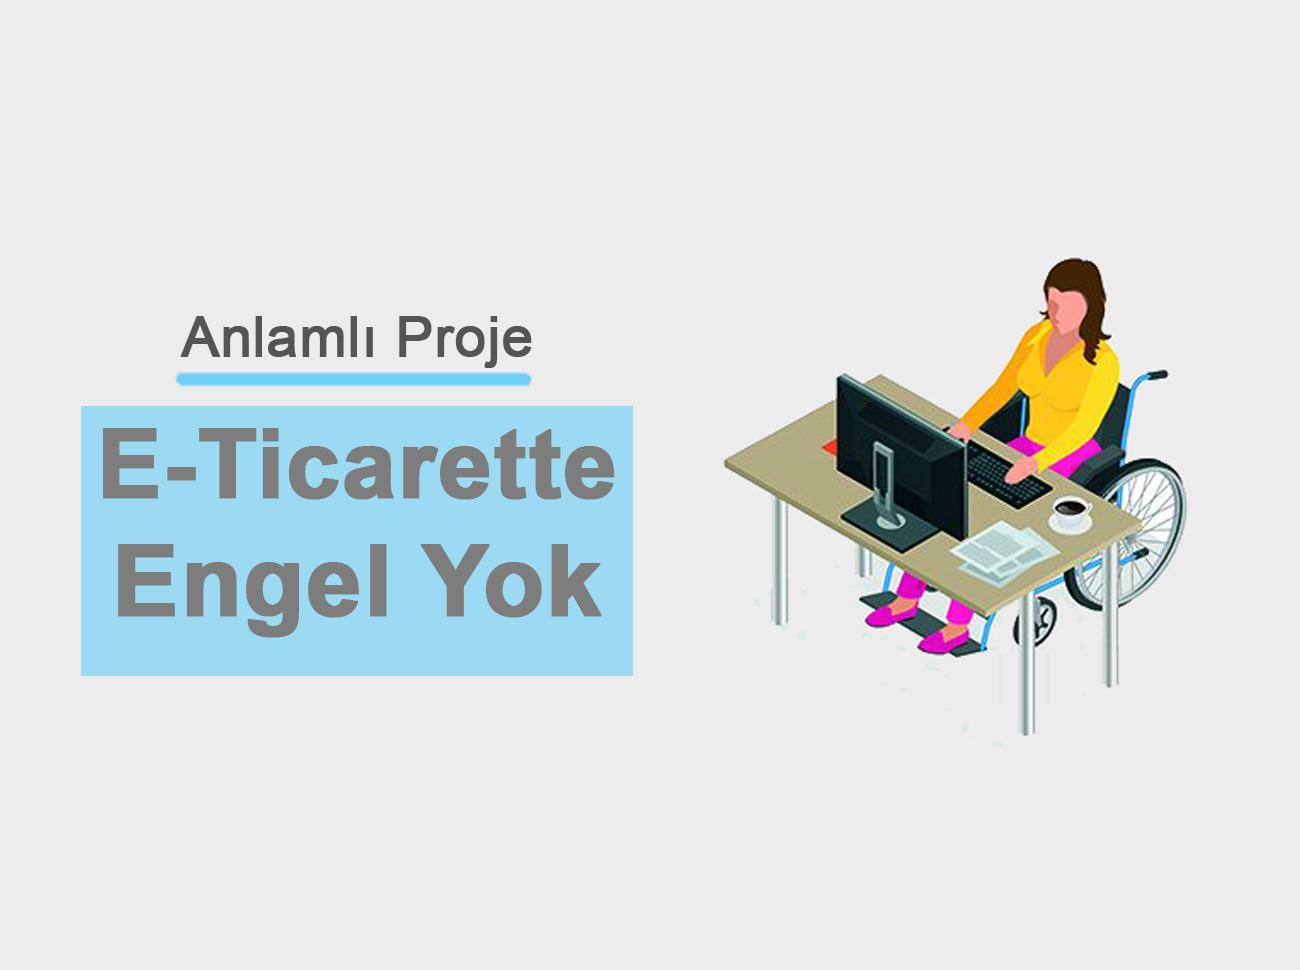 Anlamlı Proje: E-Ticarette 'Engel' Yok